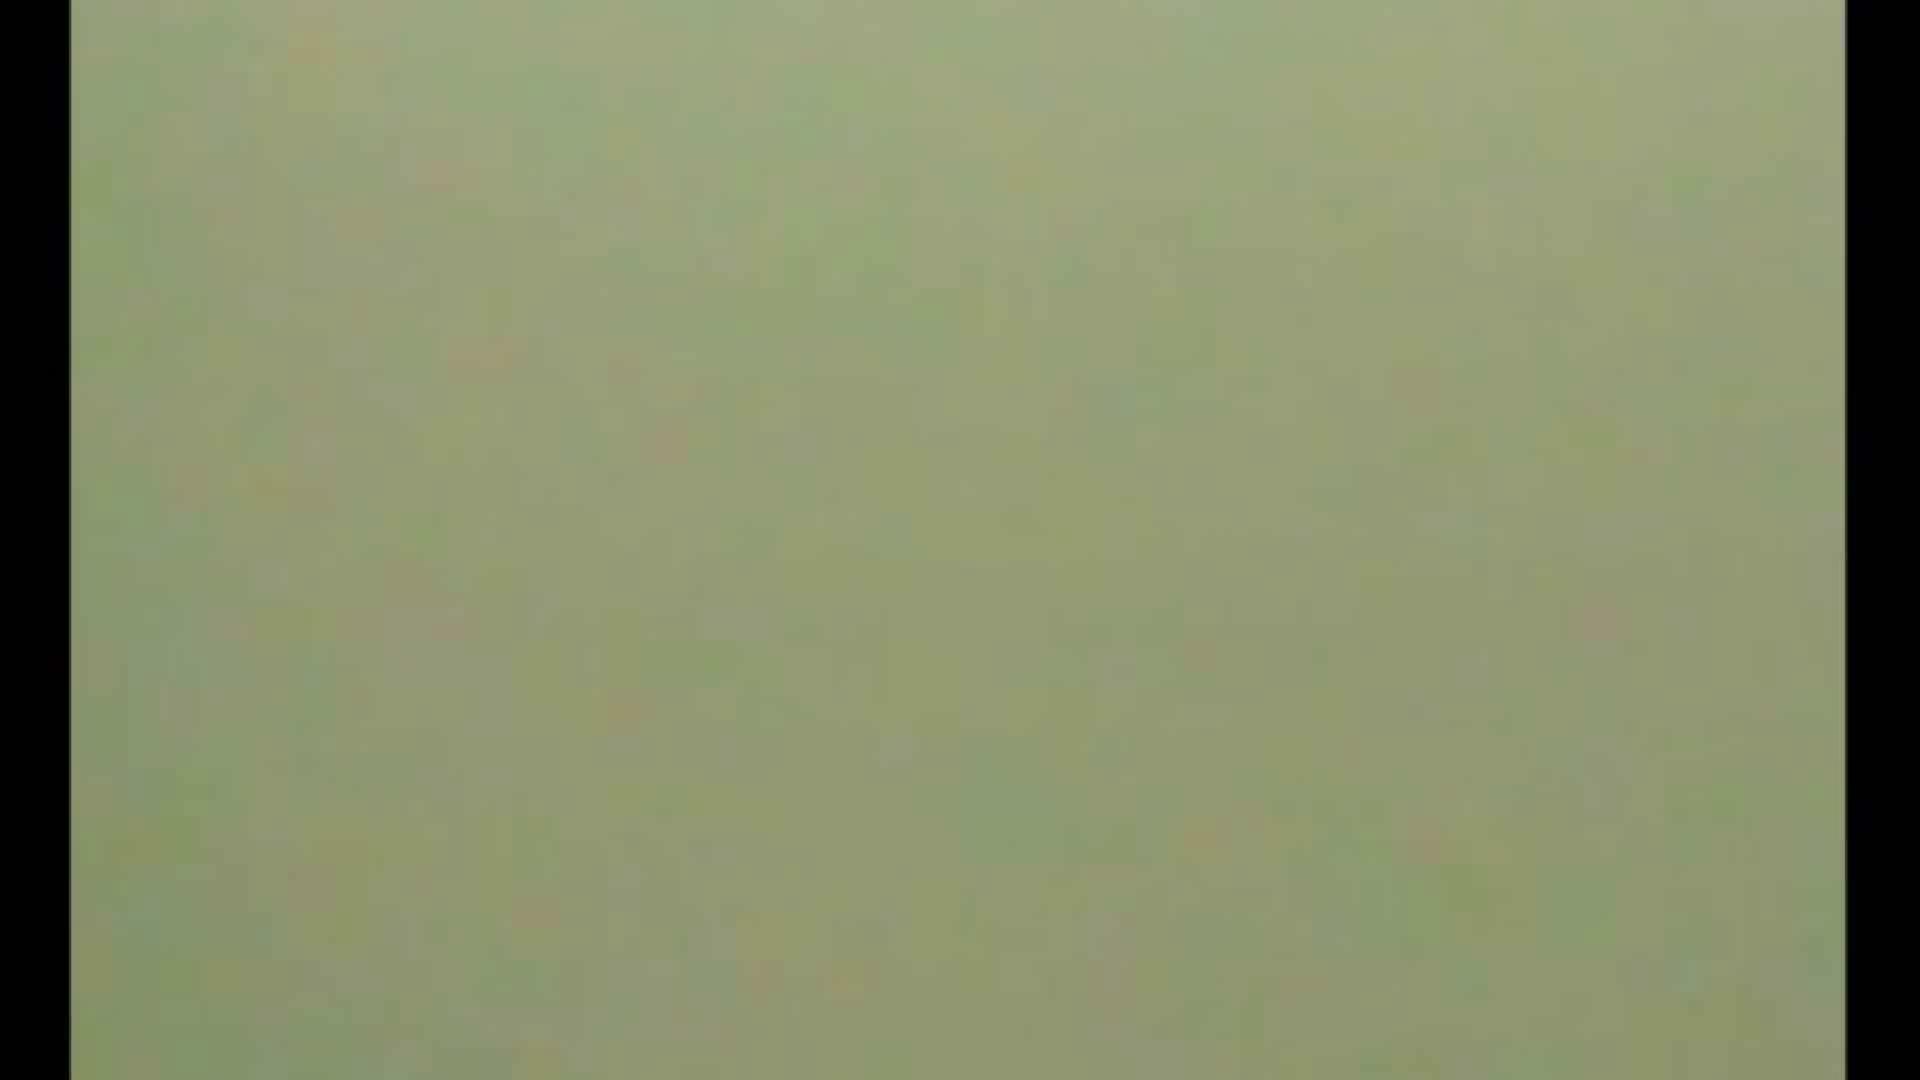 イケメンの素顔in洗面所 Vol.17 おしっこ | イケメン合体  65連発 31